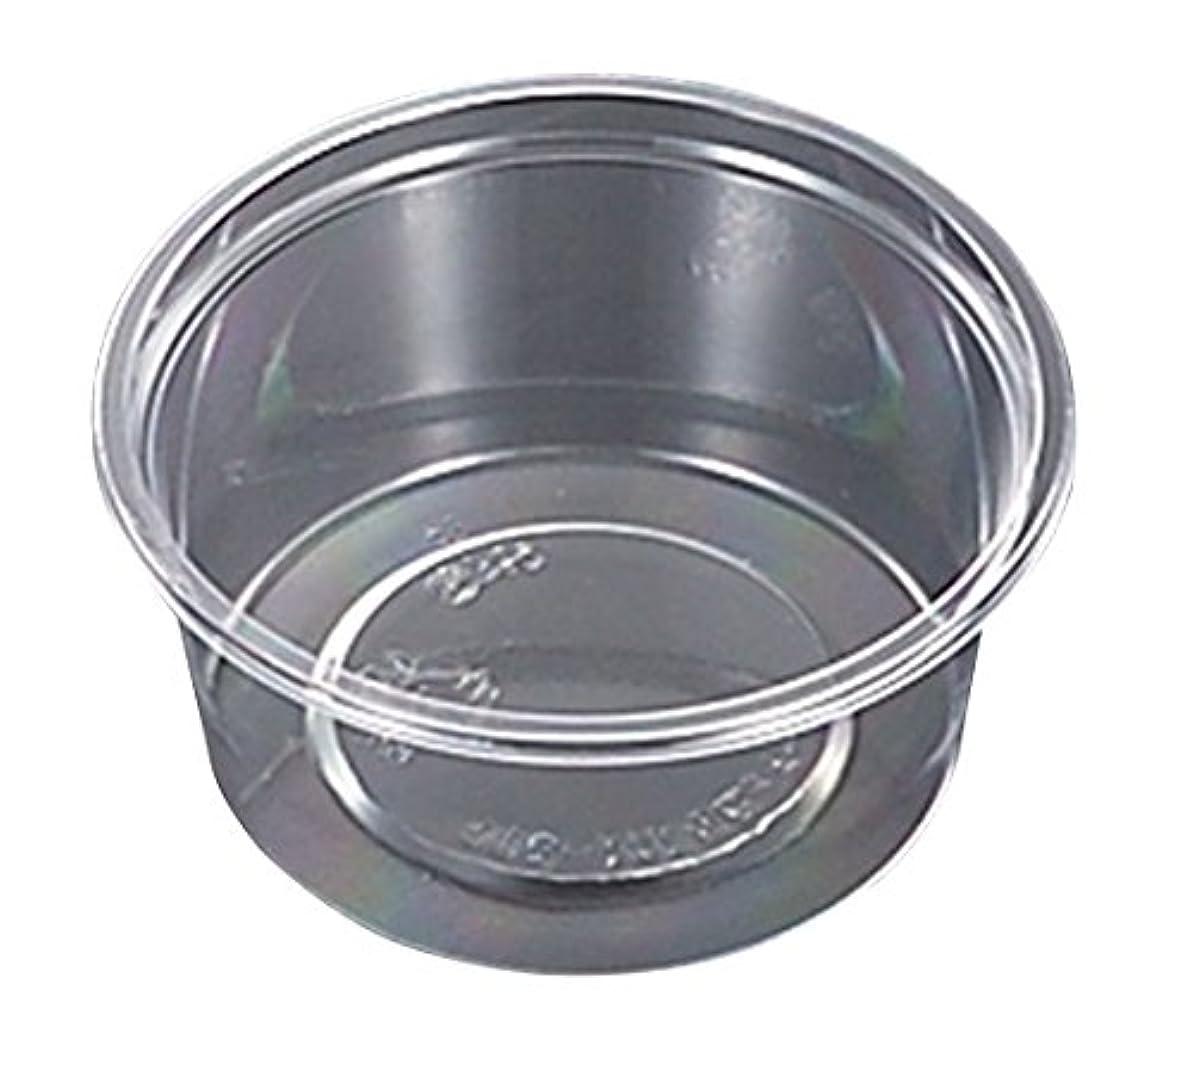 ハロウィンボイド魔術中央化学 使い捨て容器 C-AP丸カップ 101-200 身 200ml 50枚入 容量:約200ml